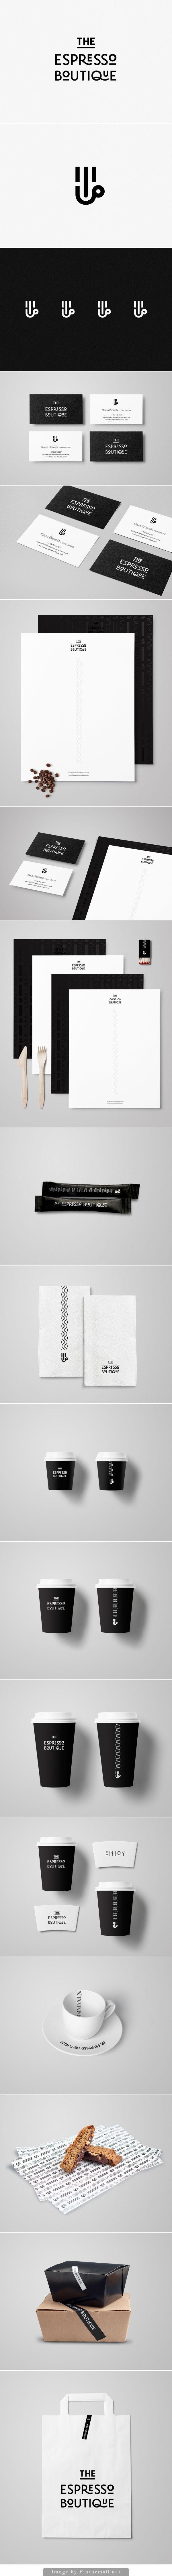 570 best inspired branding images on pinterest